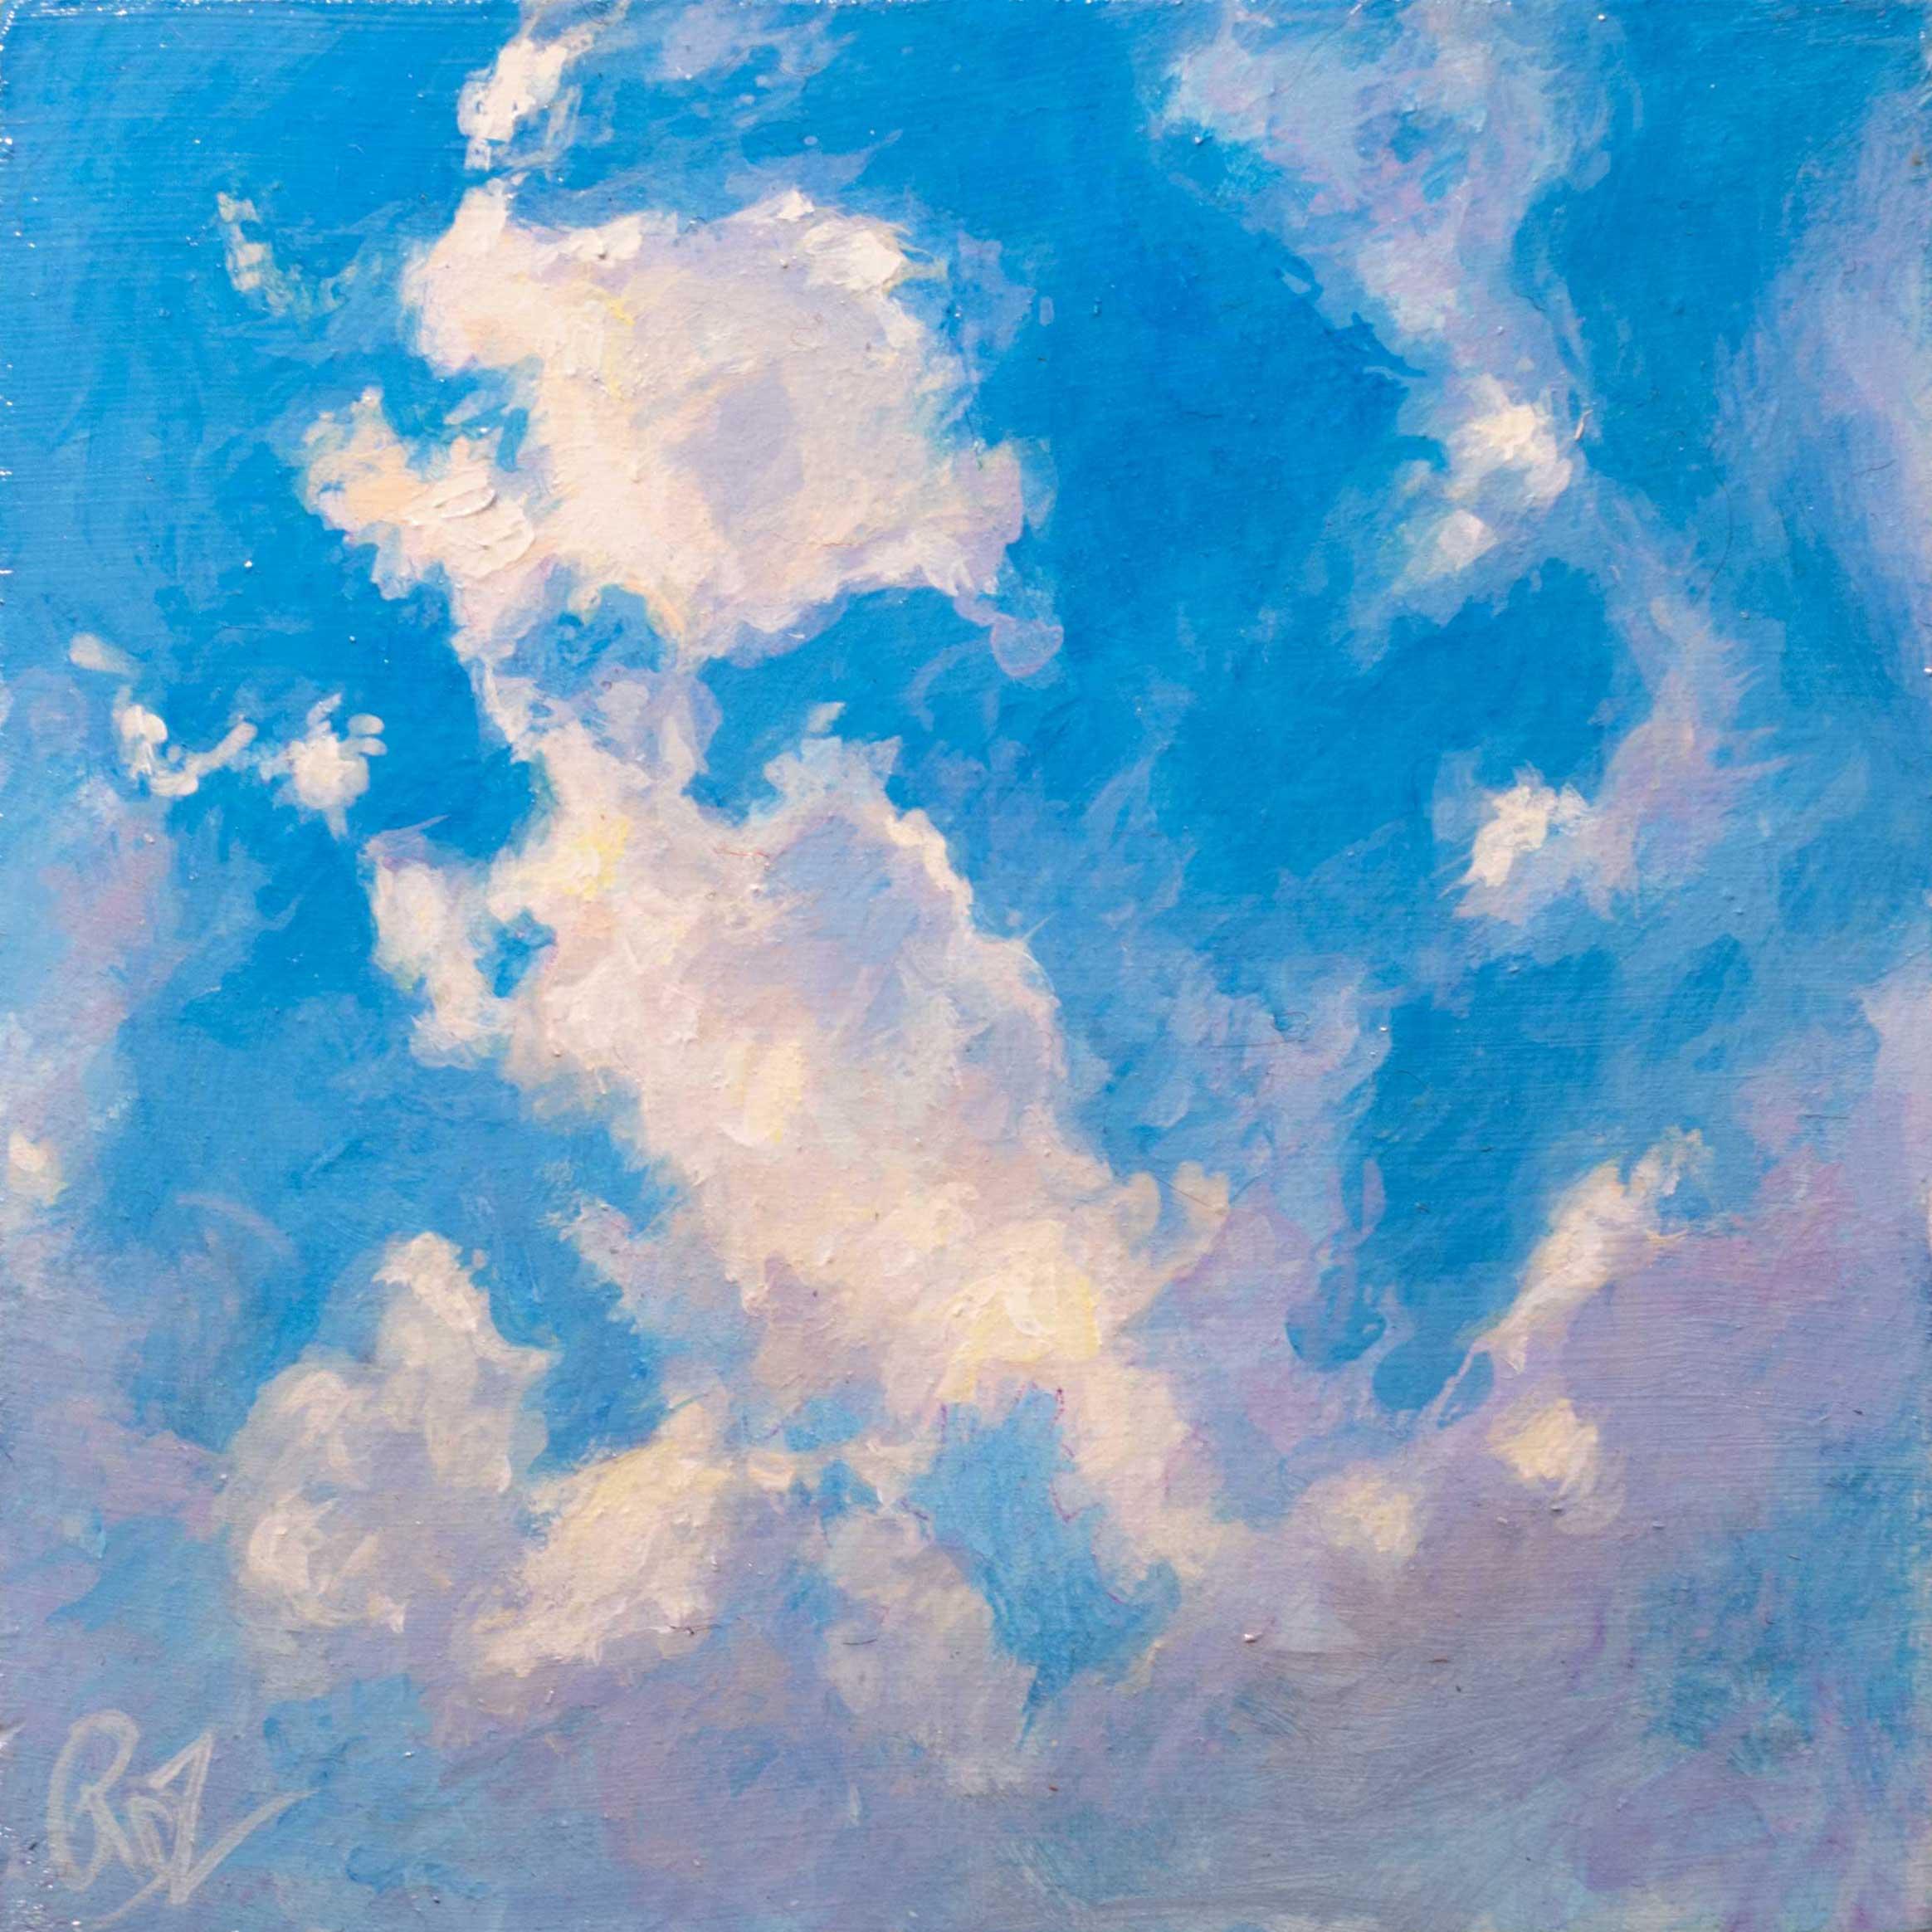 Zook cloudstudye ii 4x4 acryliconpanel 100 qiqslx